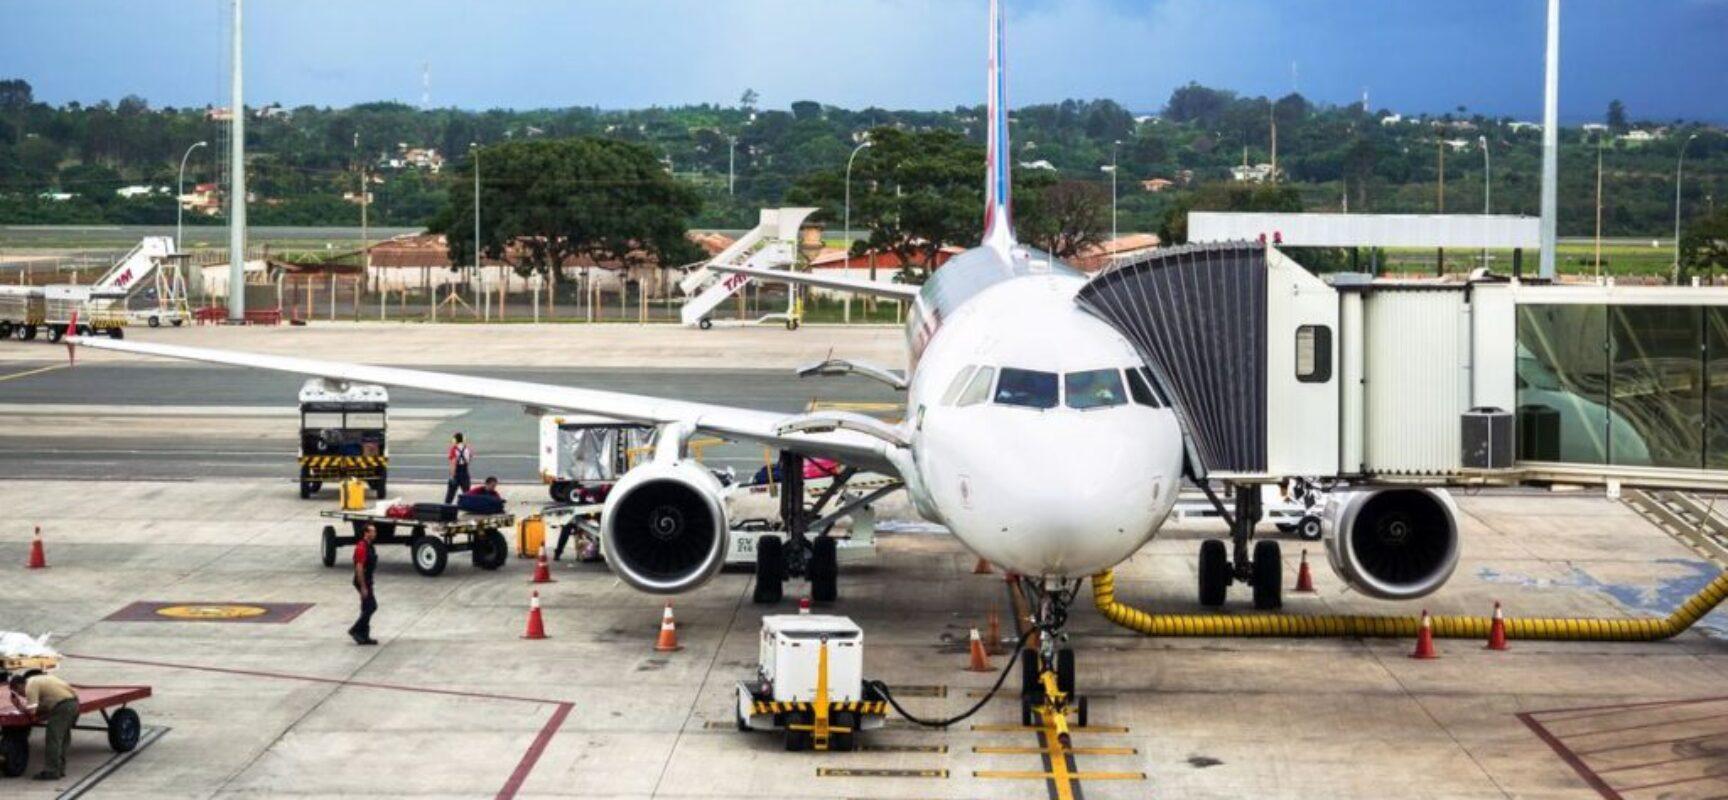 França suspende voos com origem ou destino ao Brasil por conta de variante da Covid-19